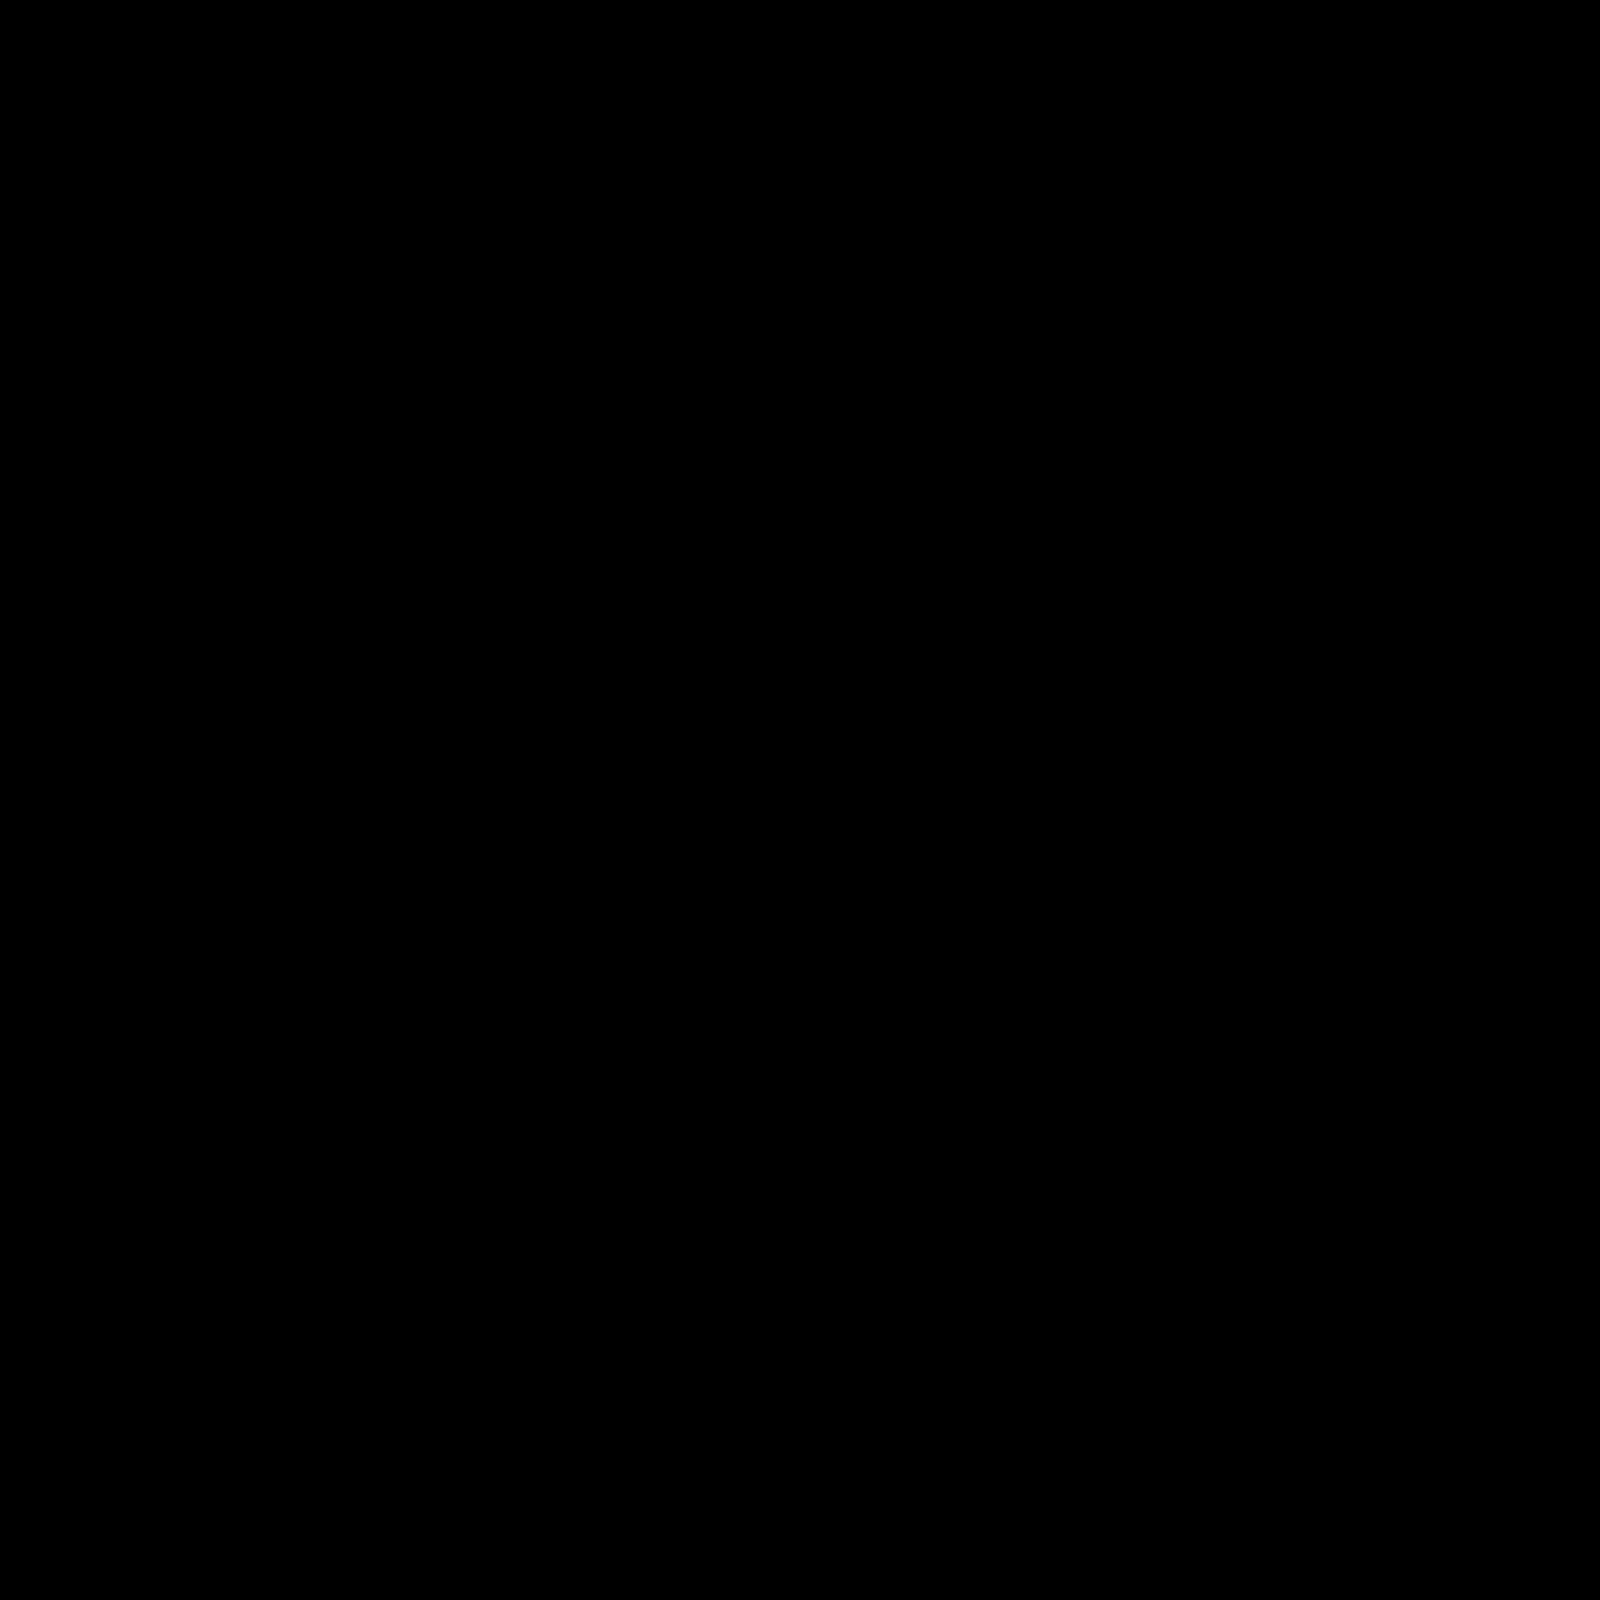 Łódka icon